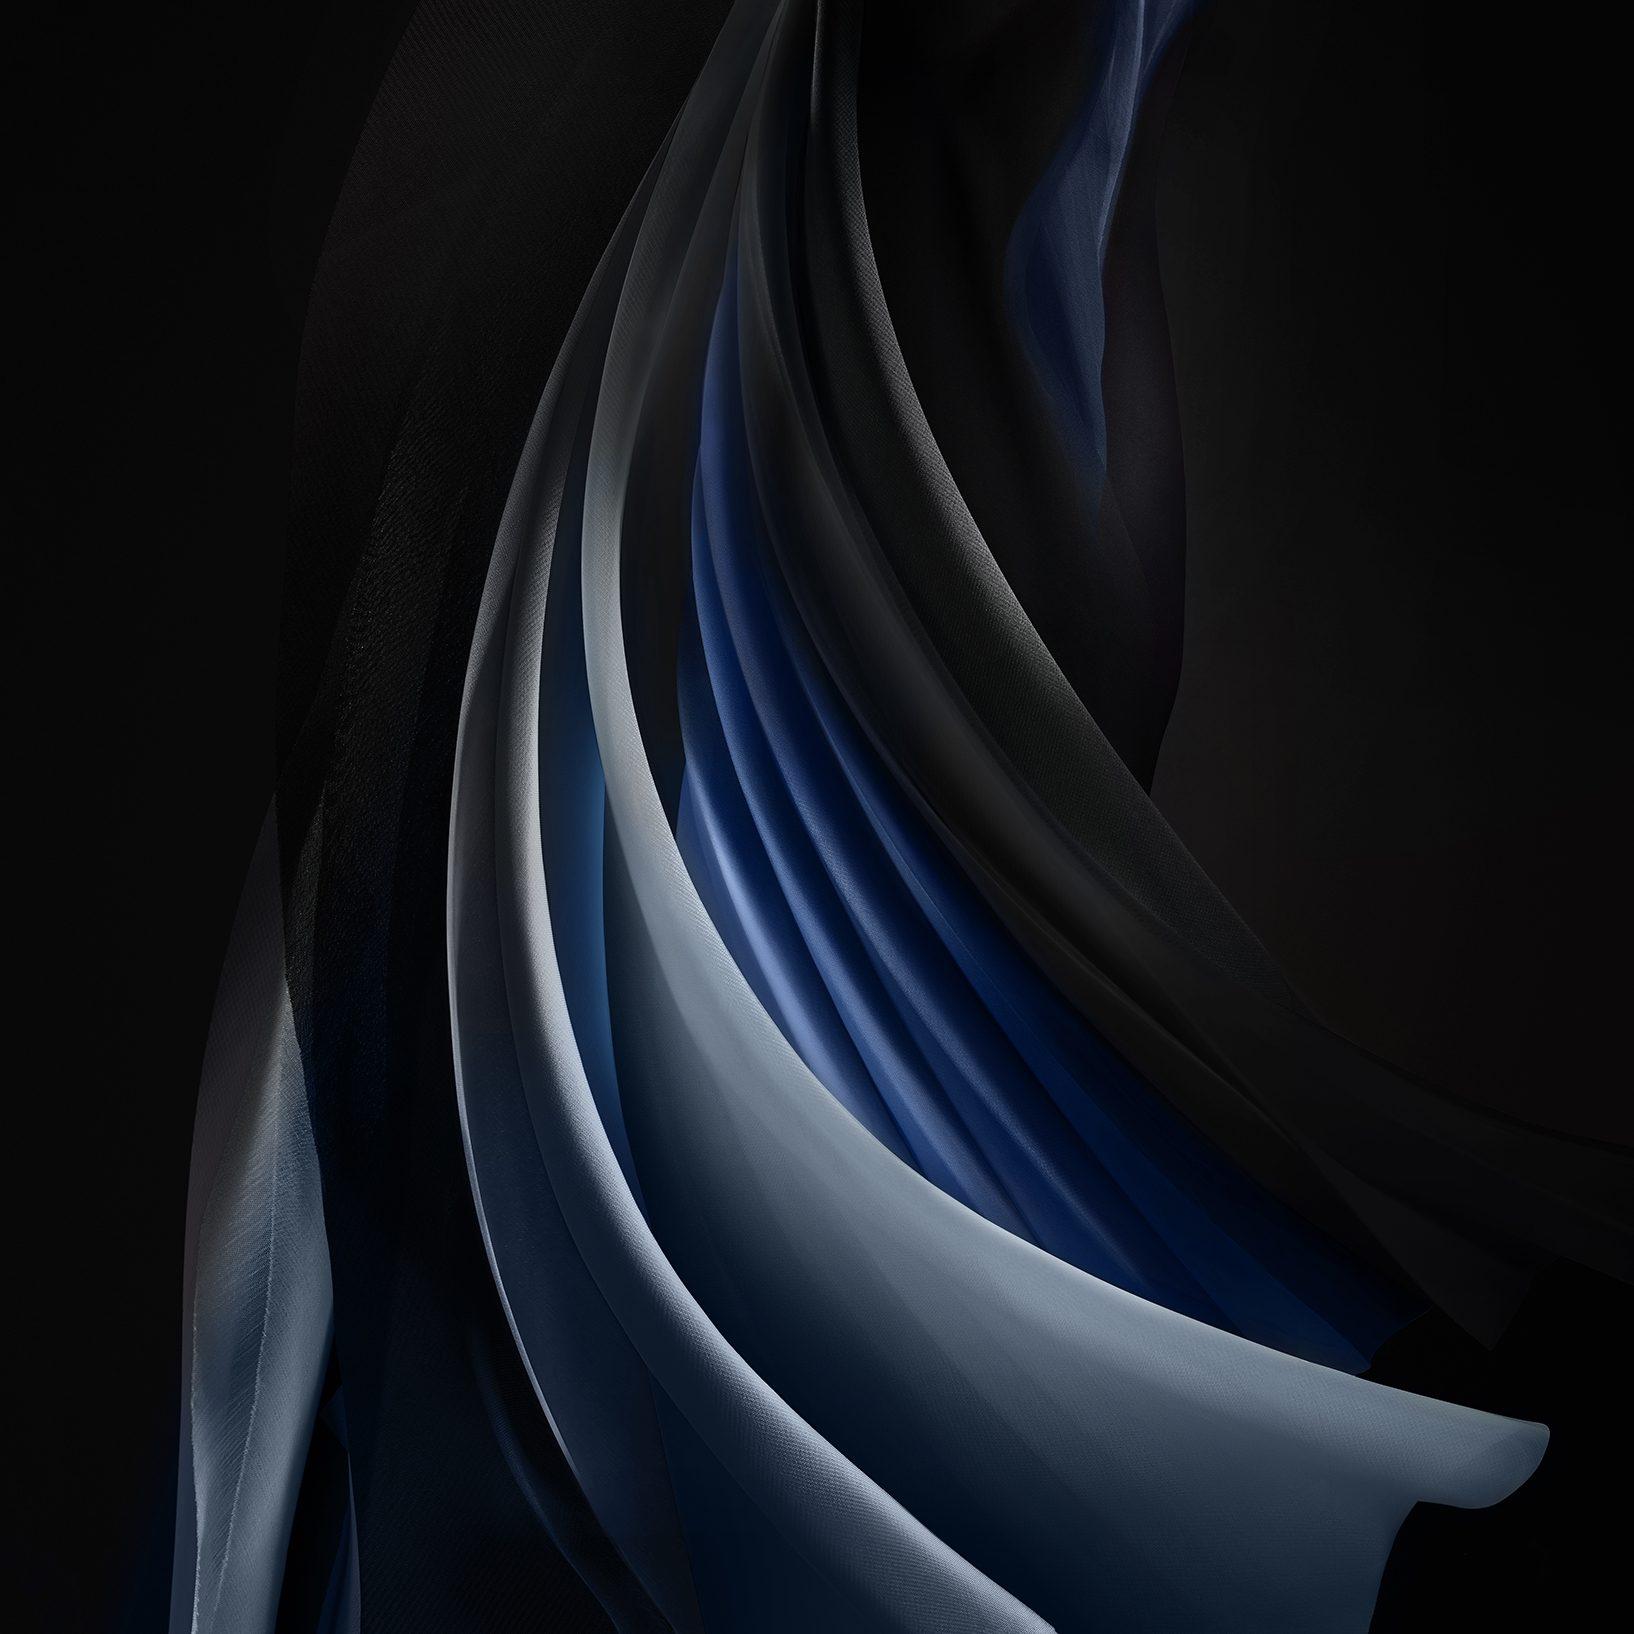 Download new 2020 iPhone SE stock wallpapers - MSPoweruser